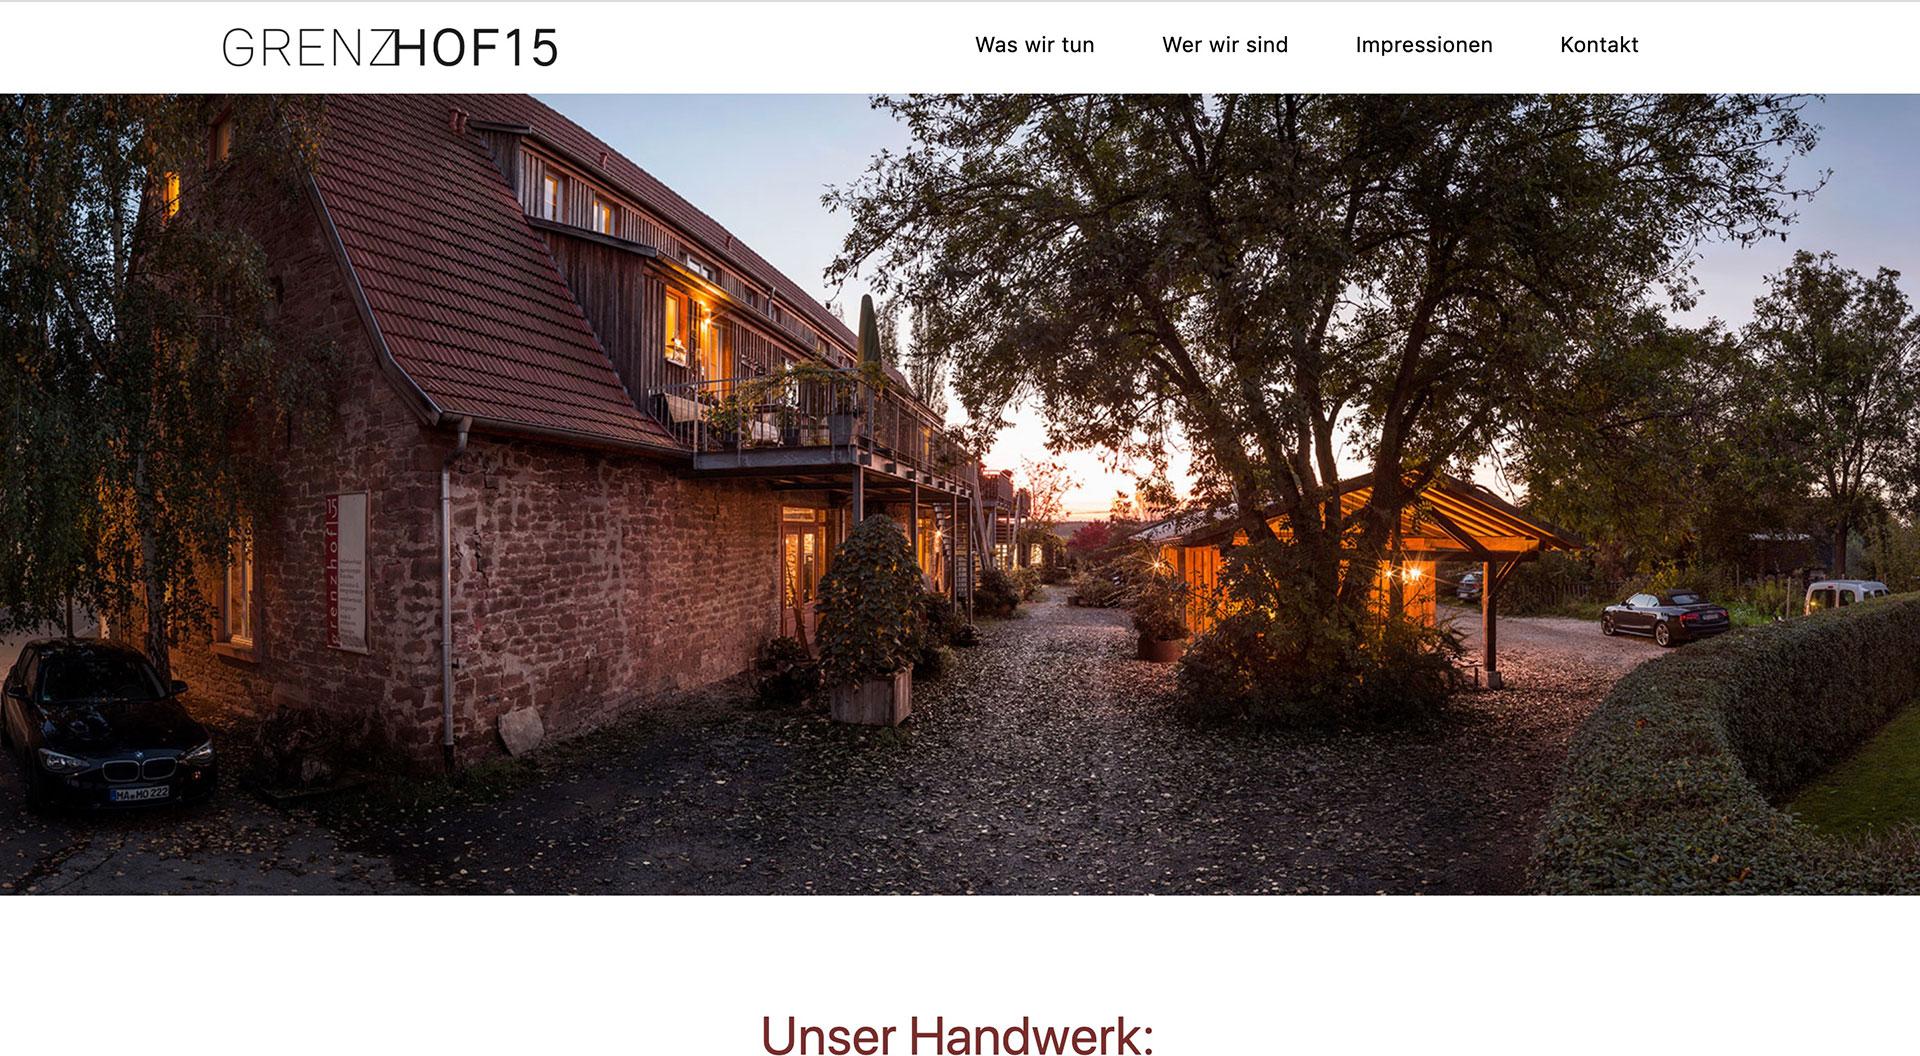 Werkstätten |Grenzhof 15